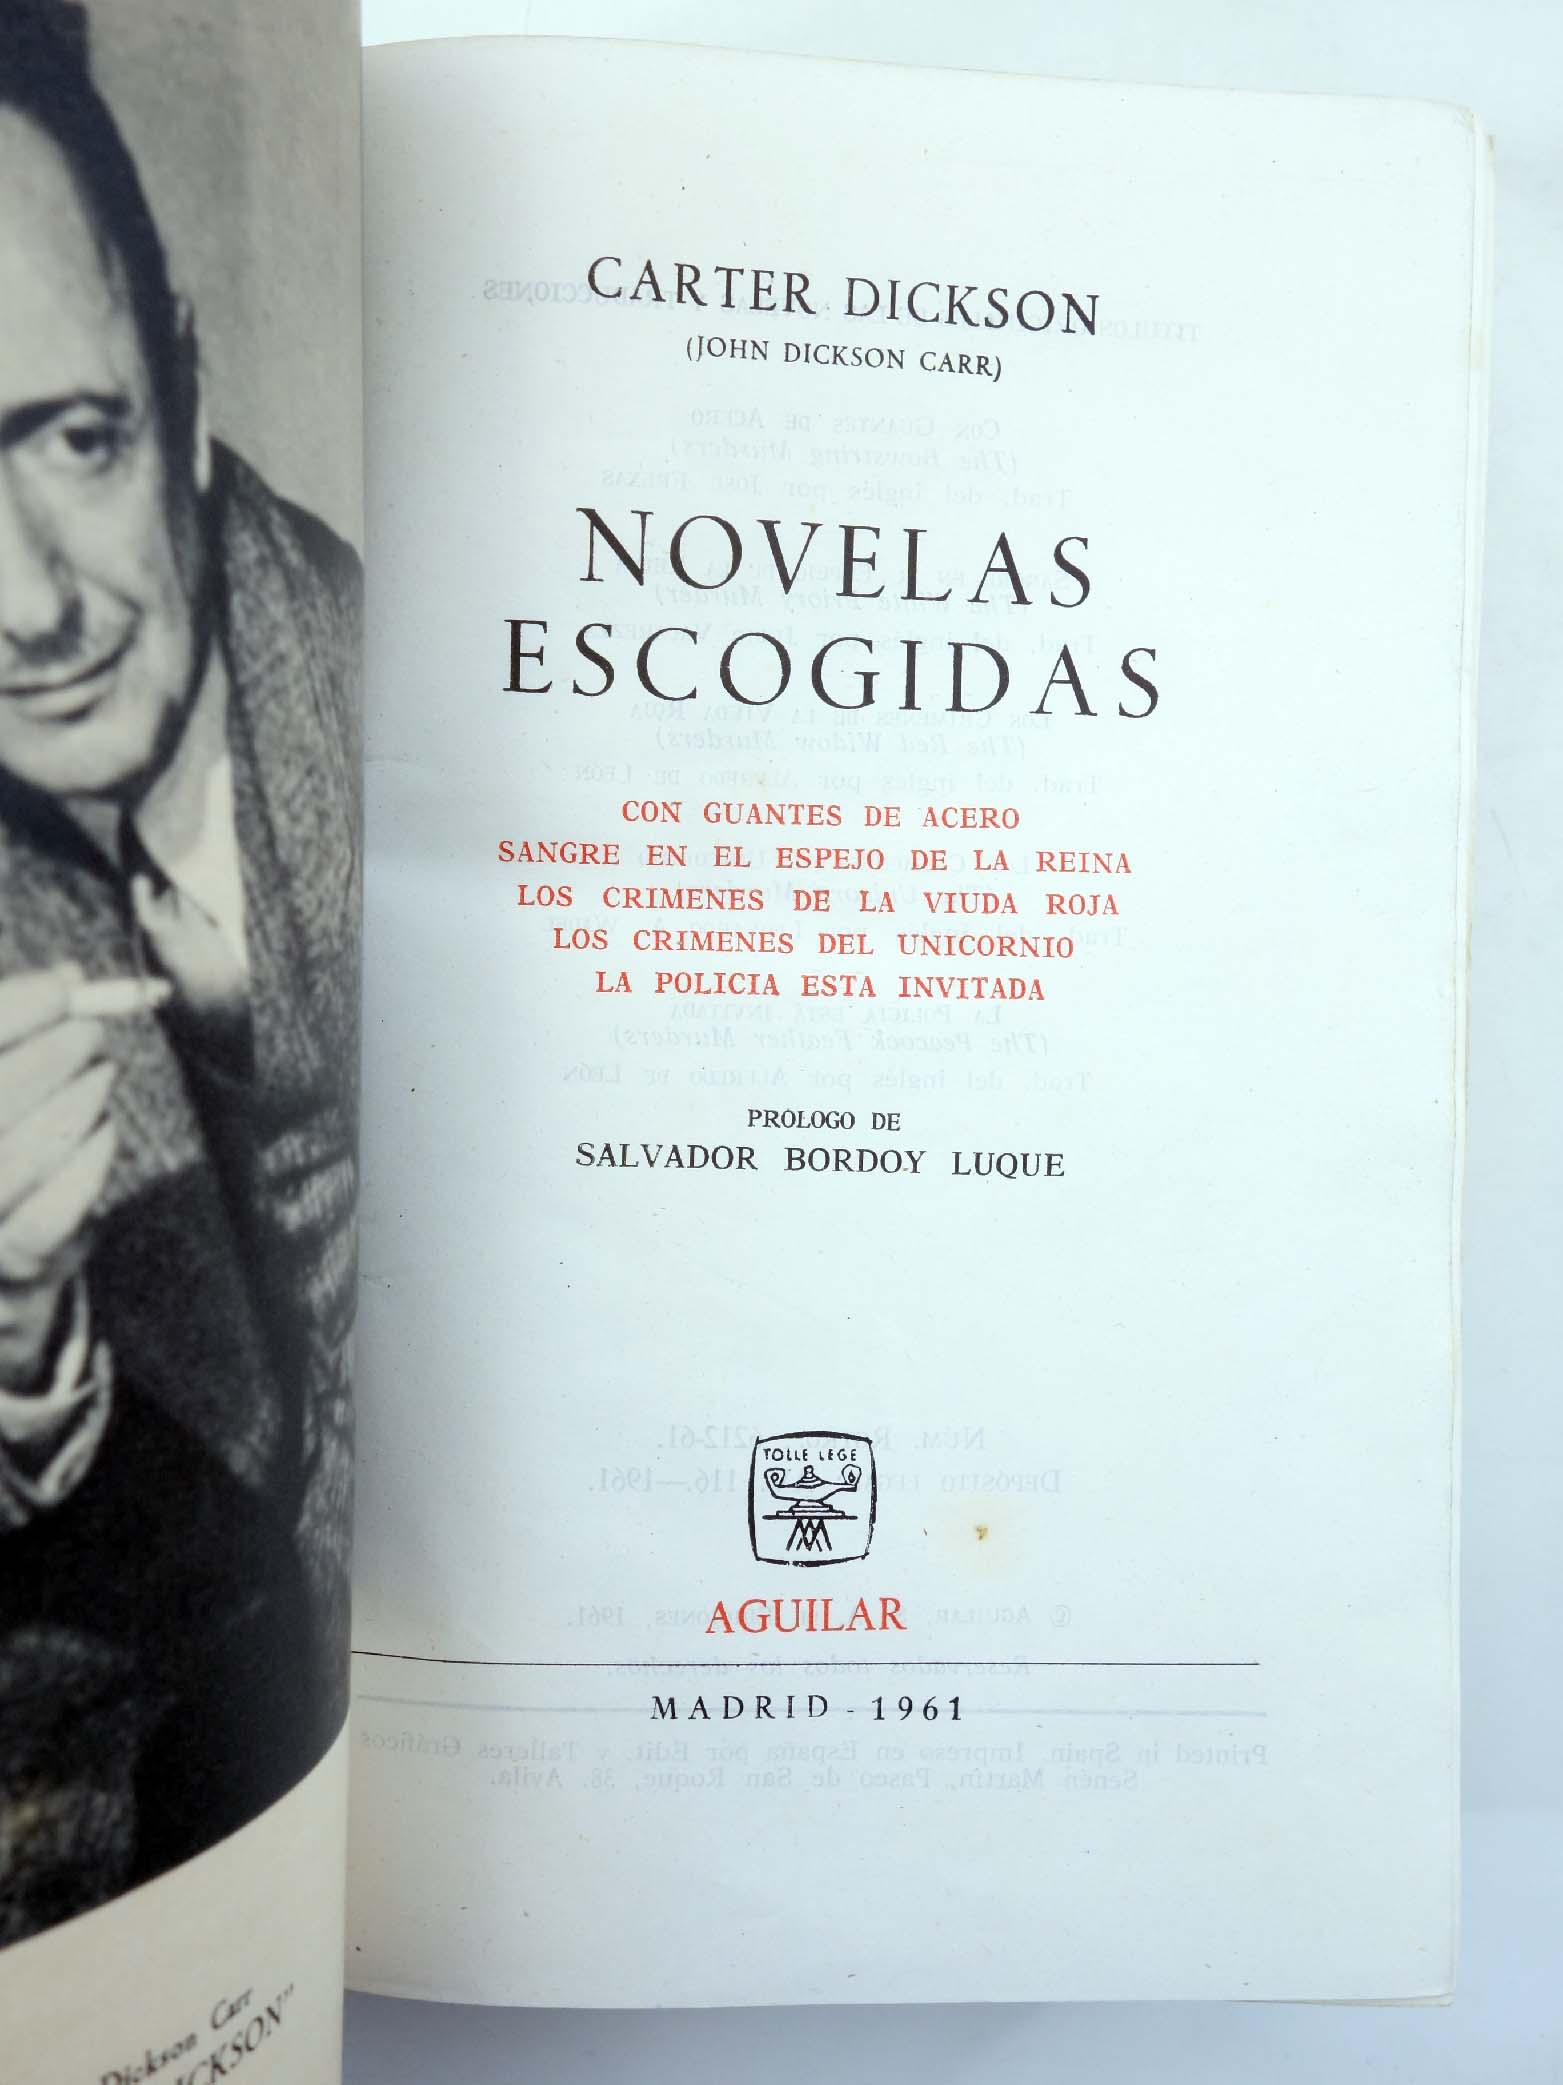 CARTER DICKSON. NOVELAS ESCOGIDAS